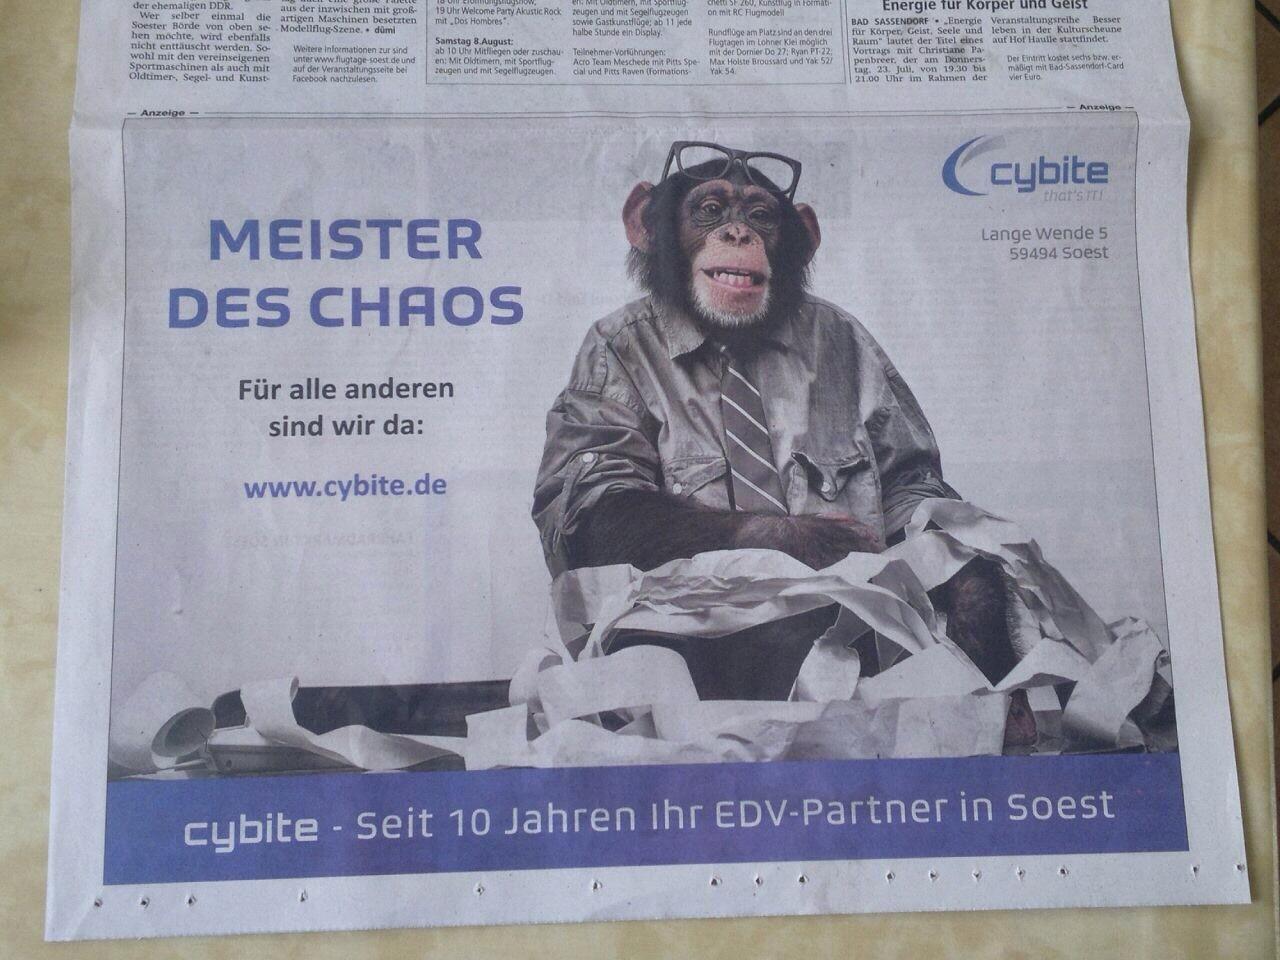 Cybite: Anzeige zum 10-jährigen Jubiläum Grafik: Svenja Krüger